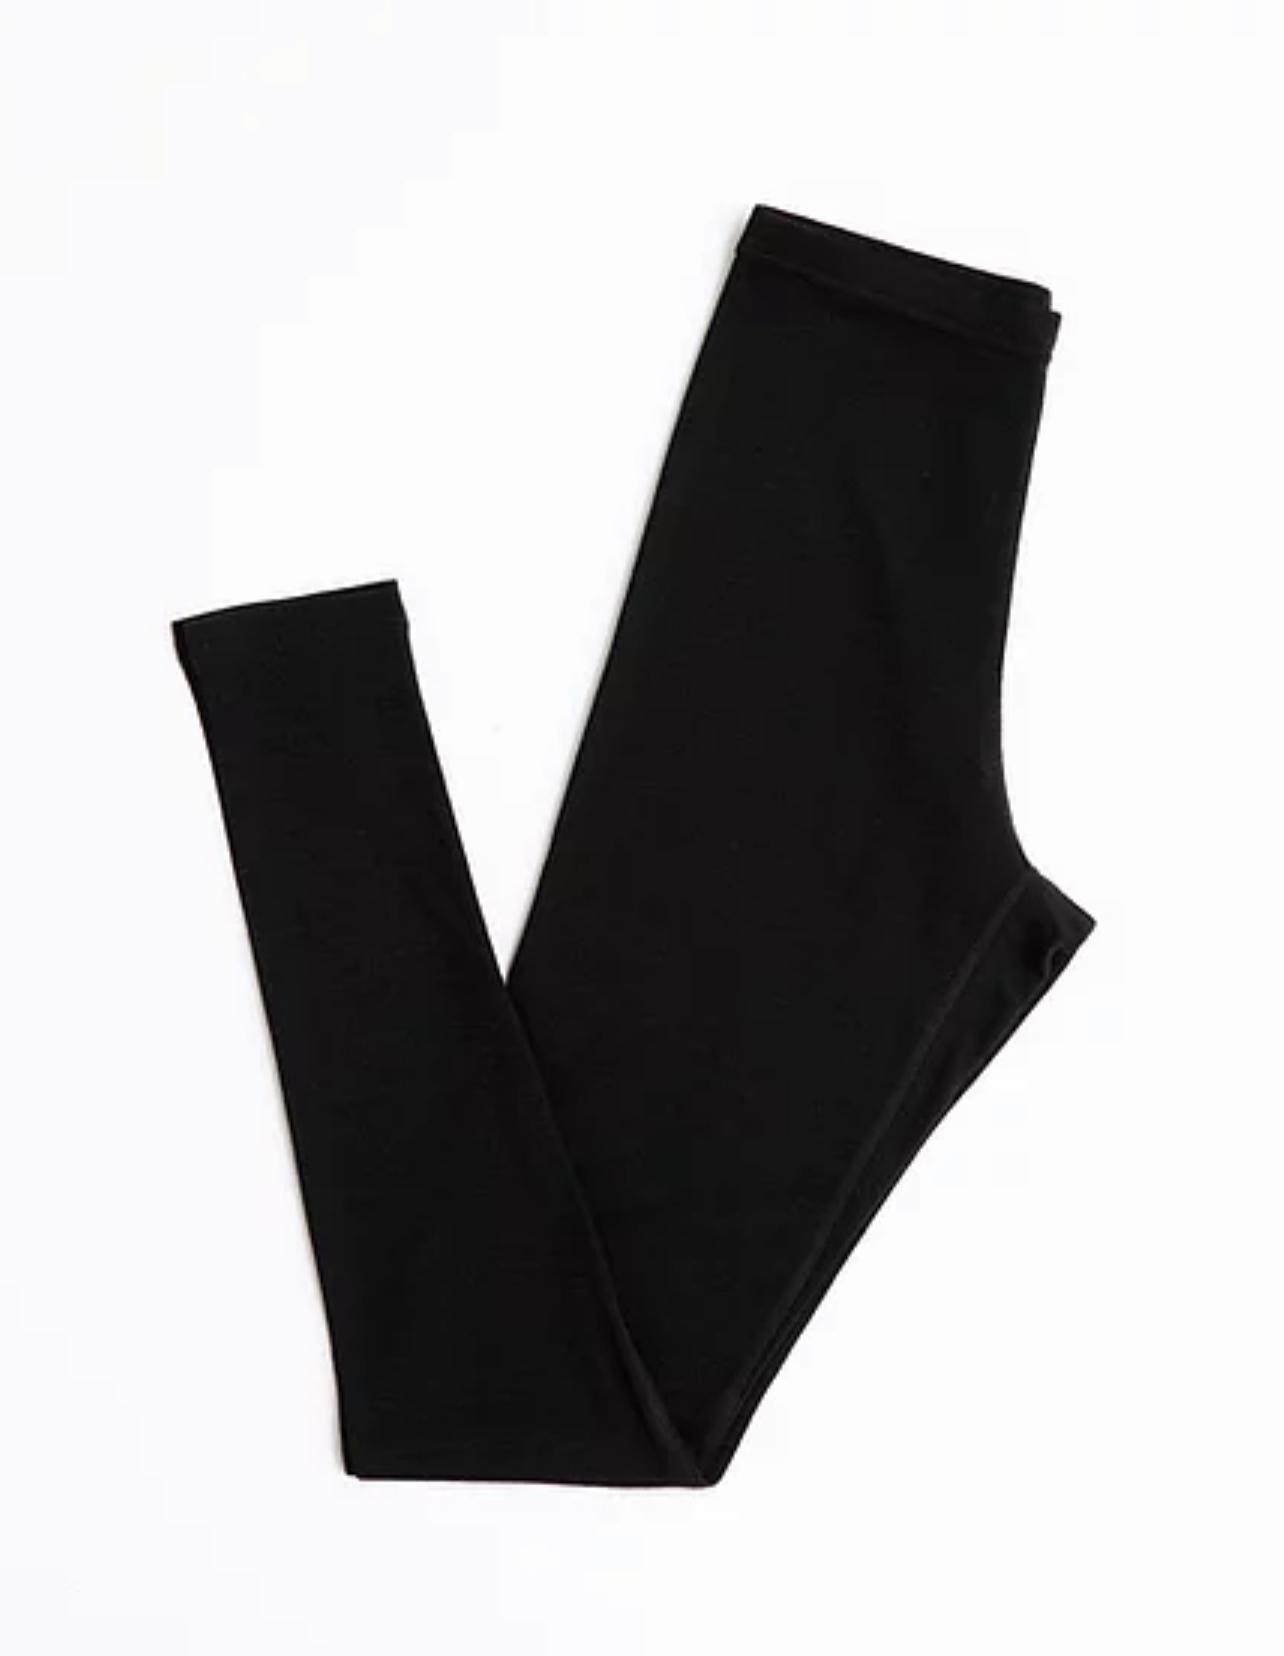 yarn 3120-12 BK